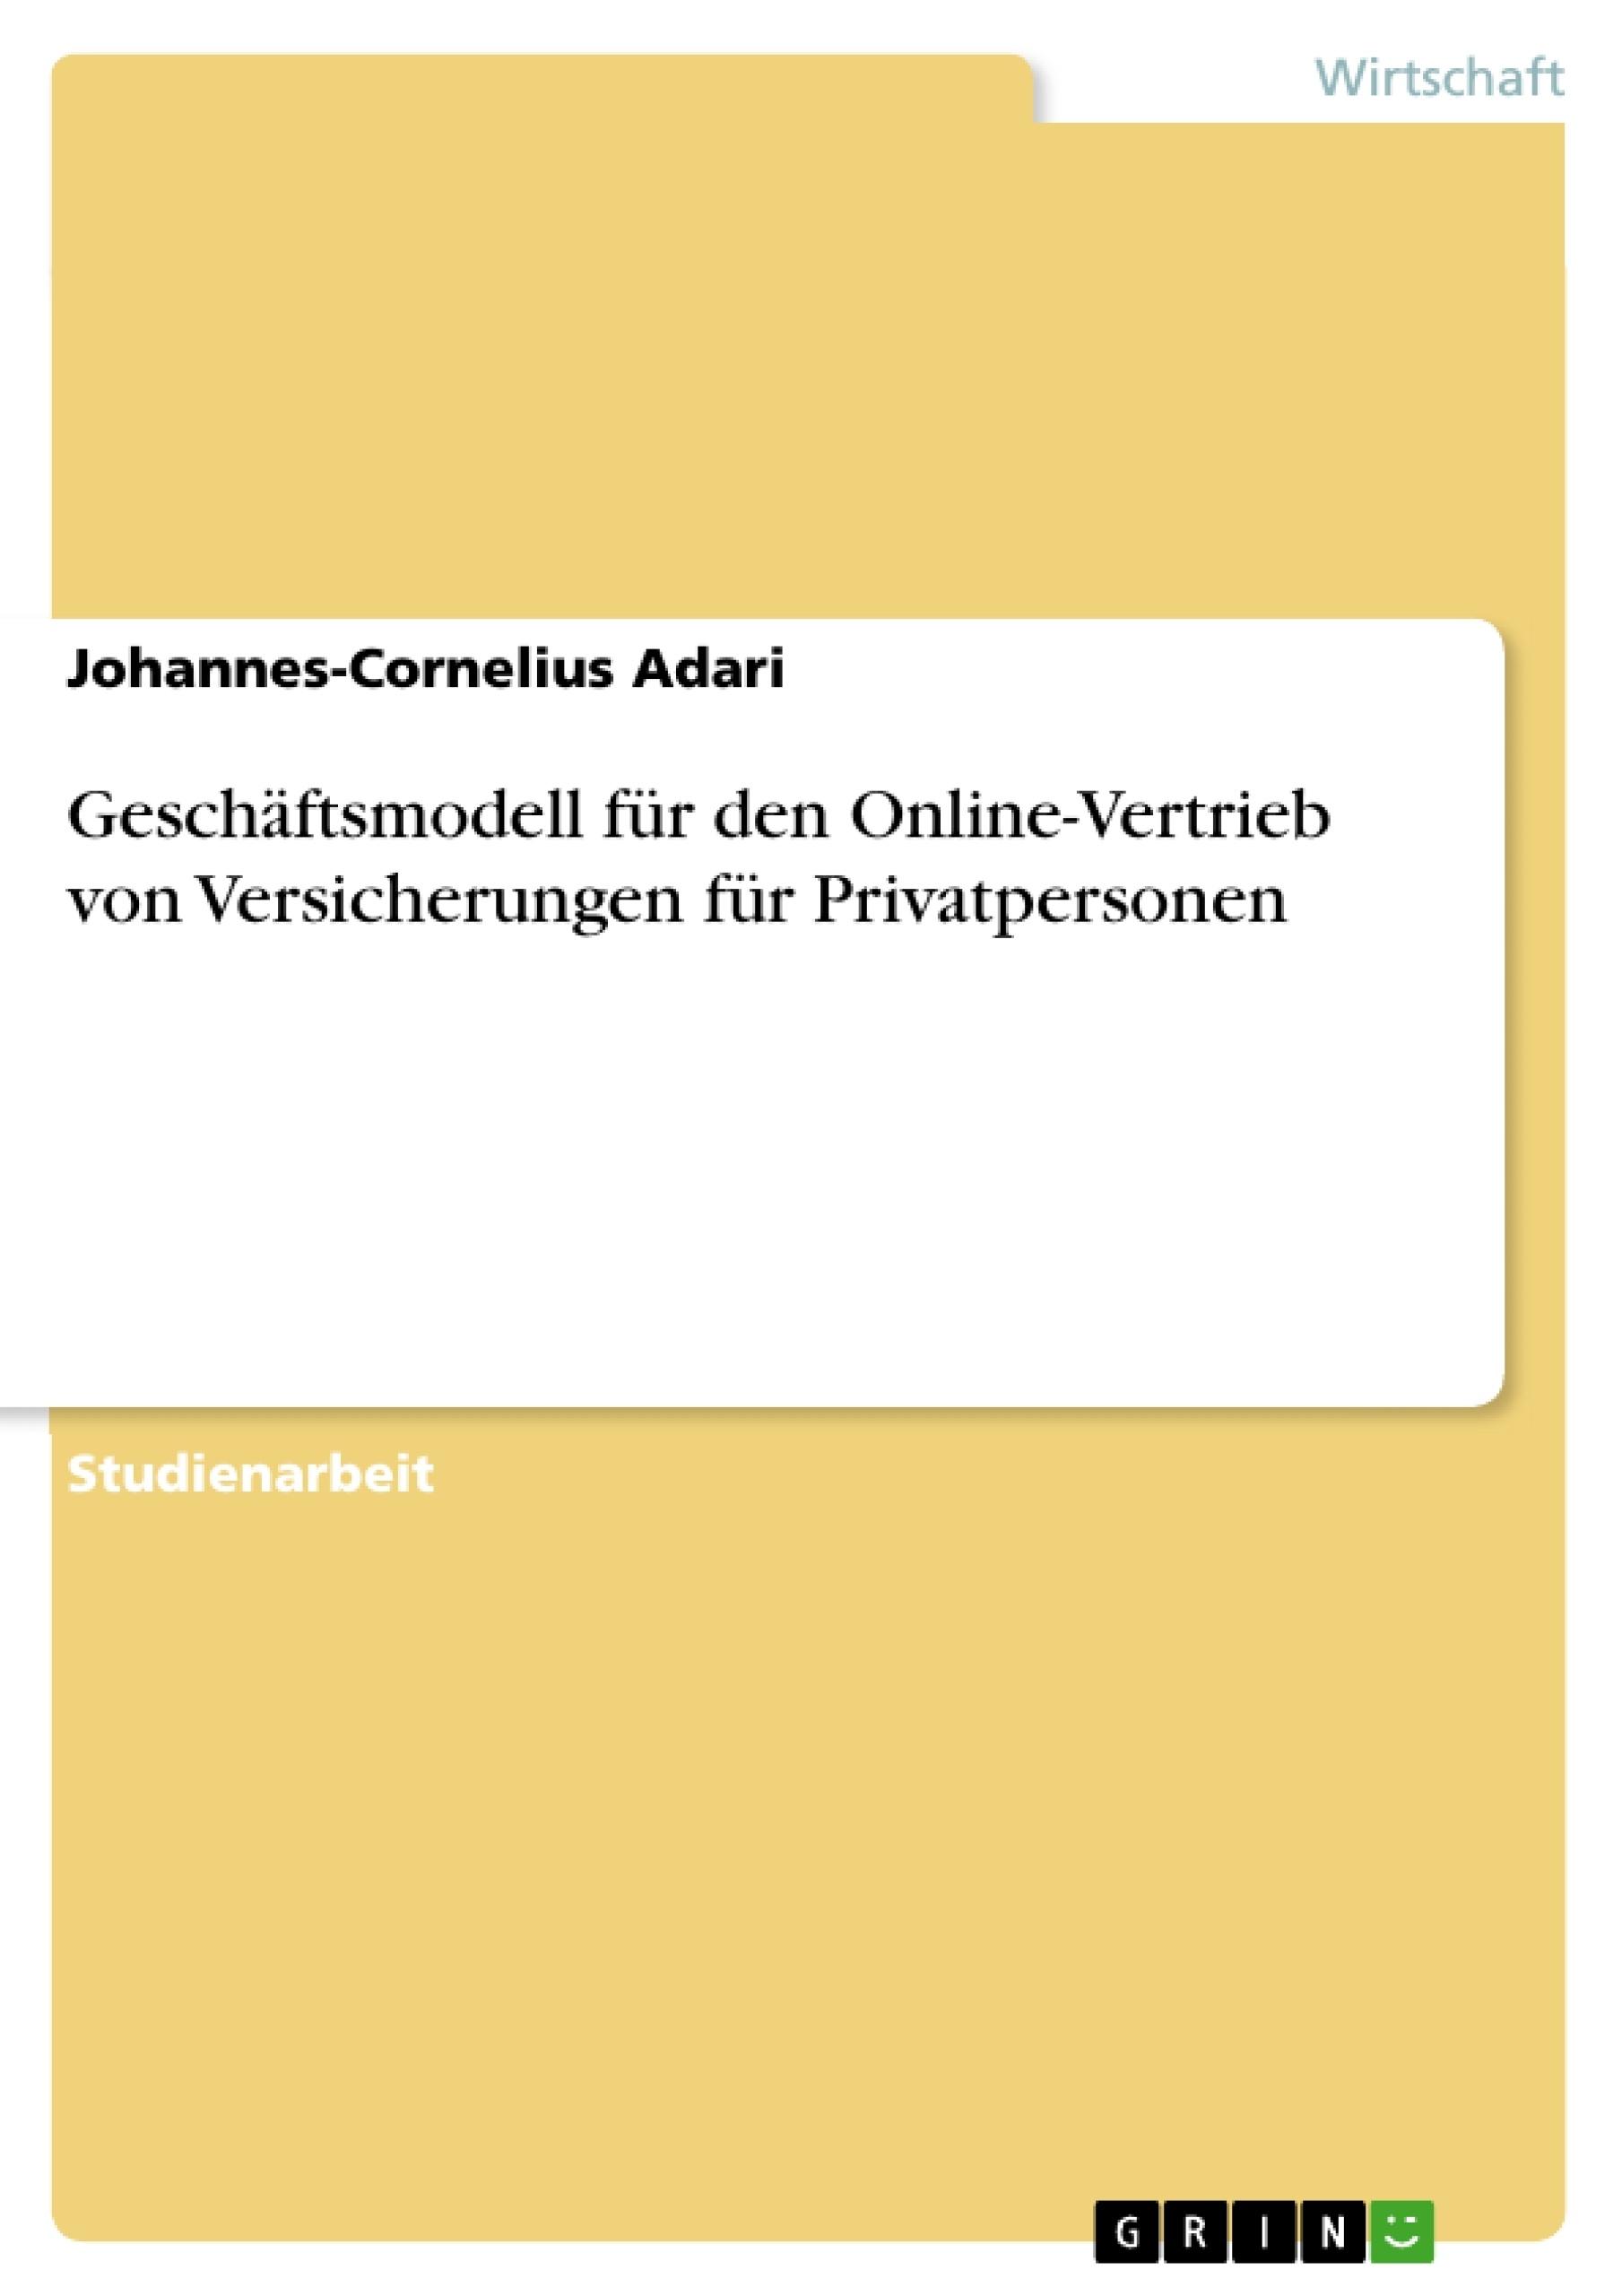 Titel: Geschäftsmodell für den Online-Vertrieb von Versicherungen für Privatpersonen